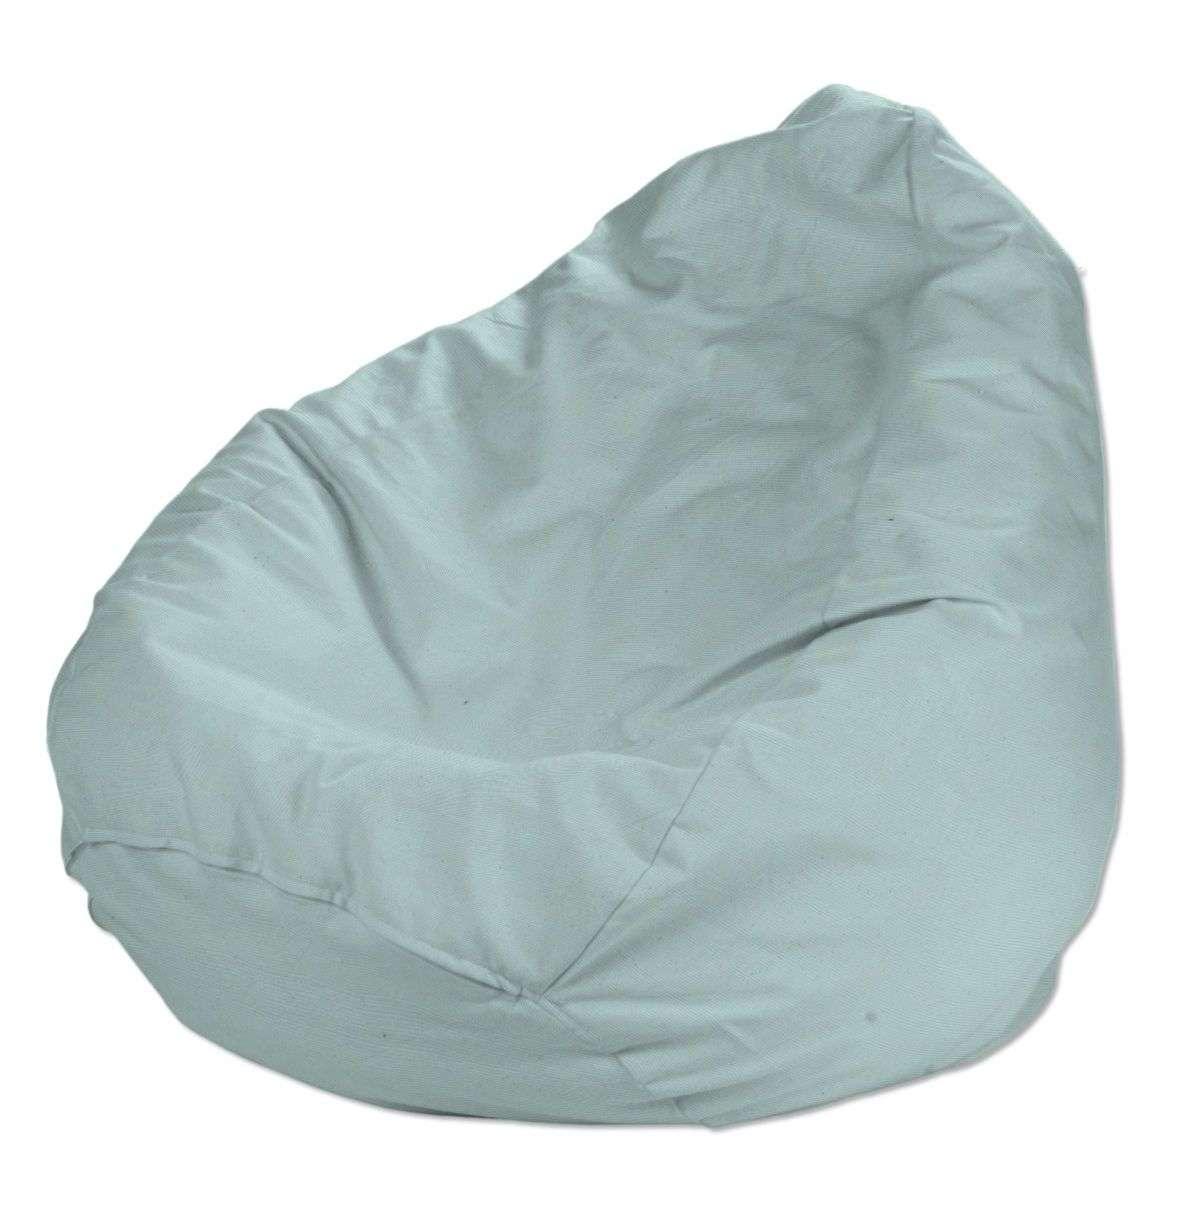 Bezug für Sitzsack, hellblau, Bezug für Sitzsack Ø80x115 cm, Cotton Panama | Wohnzimmer > Sessel > Sitzsaecke | Dekoria